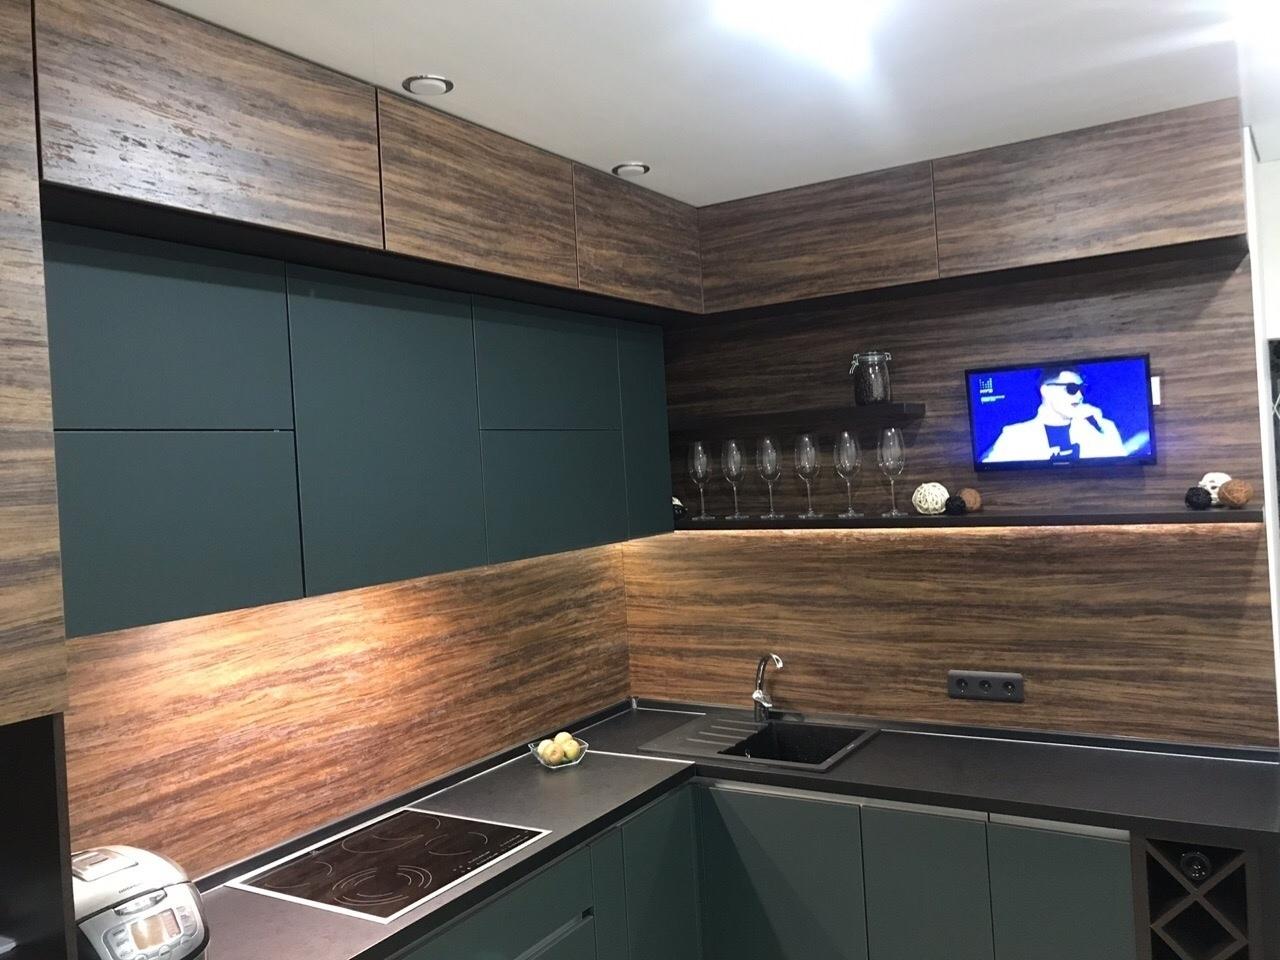 Лаконичный дизайн угловой кухни. По мне так очень здорово. А вам нравится?